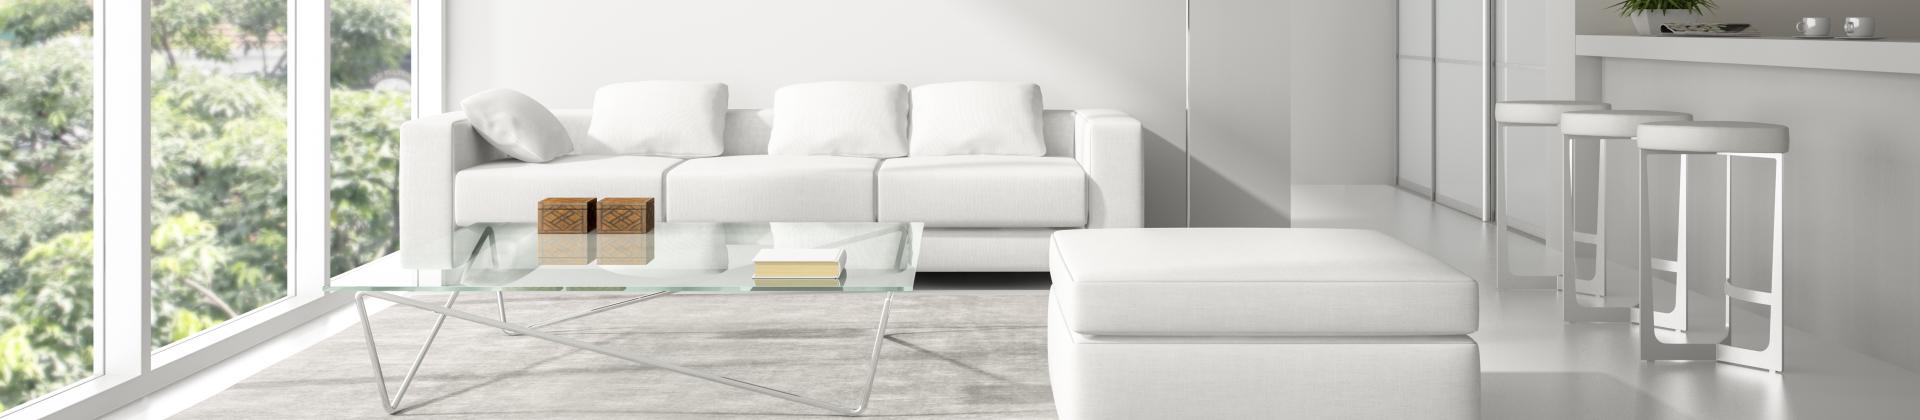 interior-design-banner